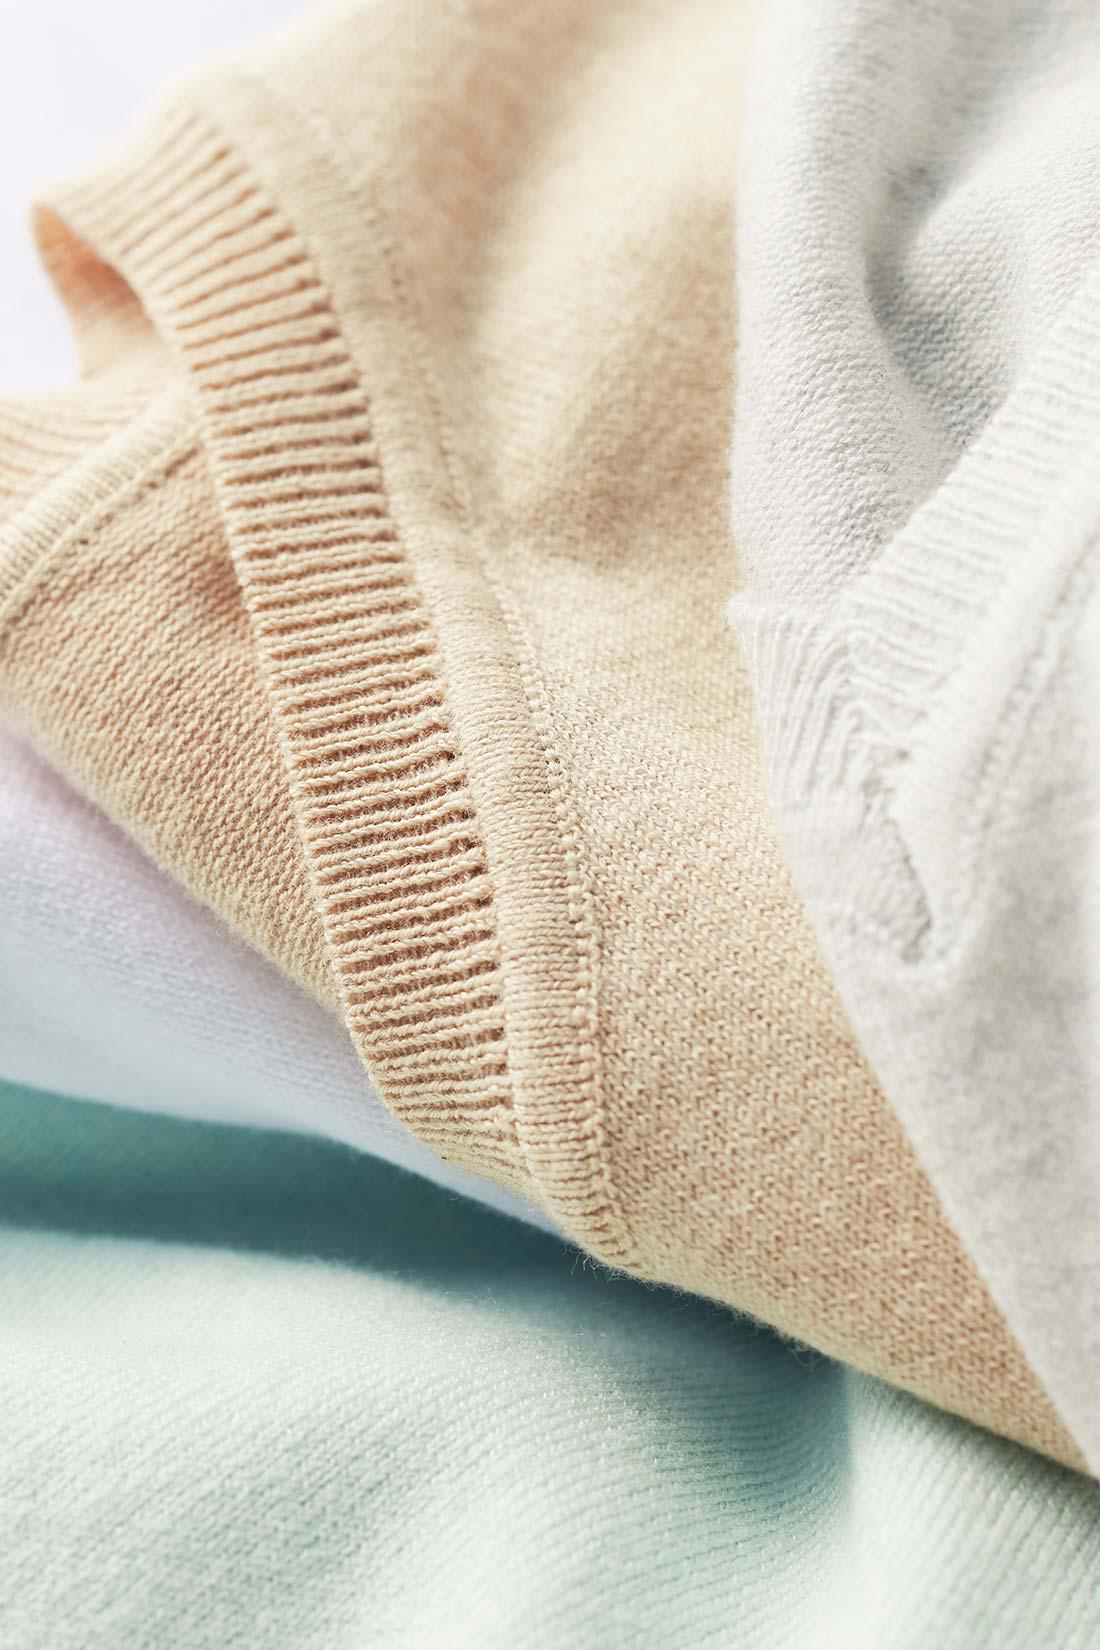 滑らかで肌ざわり抜群のシルク混素材を使用。さらに「二重臼(うす)」という目の詰まった編み地で、繊細ながらもっちりとしたぜいたくな質感が楽しめます。 ※お届けするカラーとは異なります。